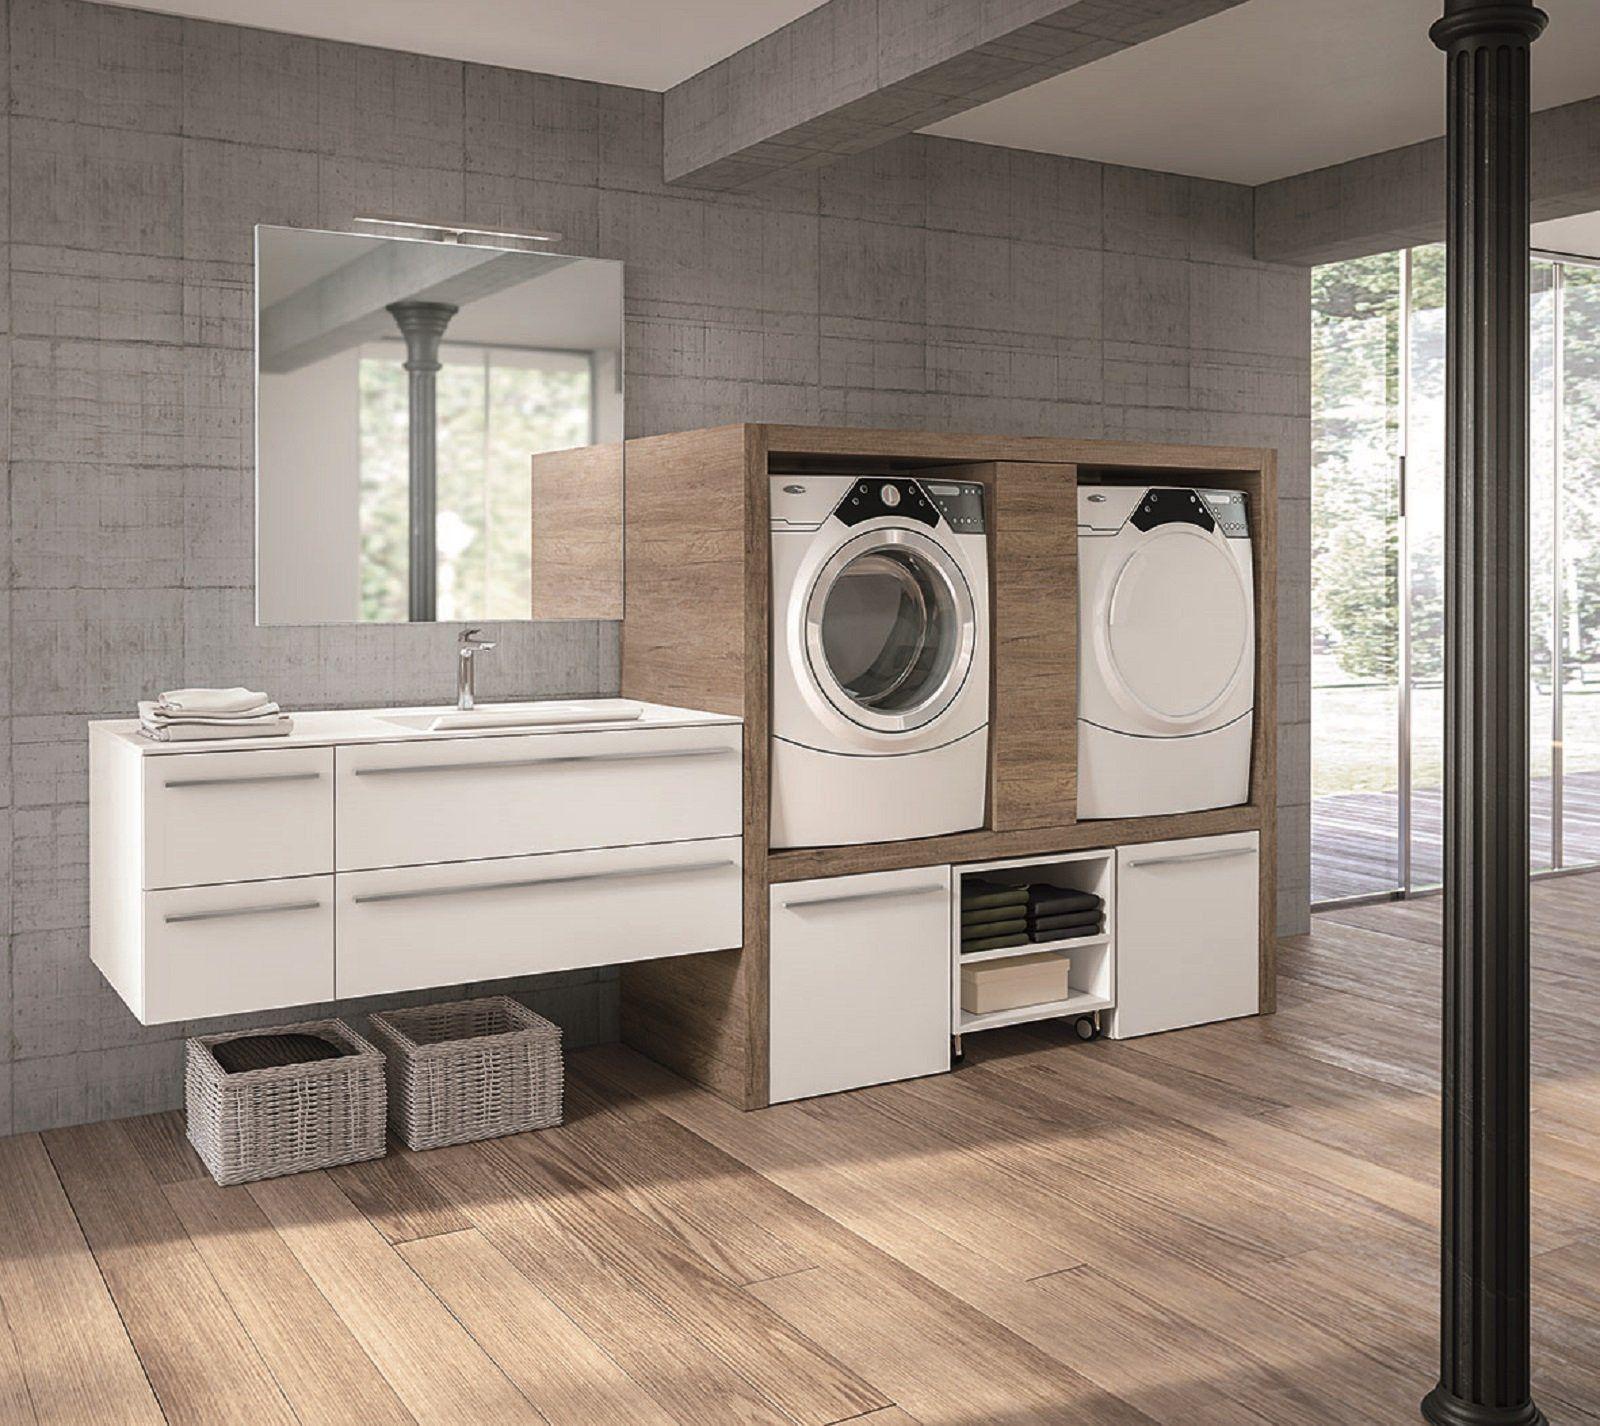 Lavanderia In Bagno Cose Di Casa Con Mobile Per Lavatrice E